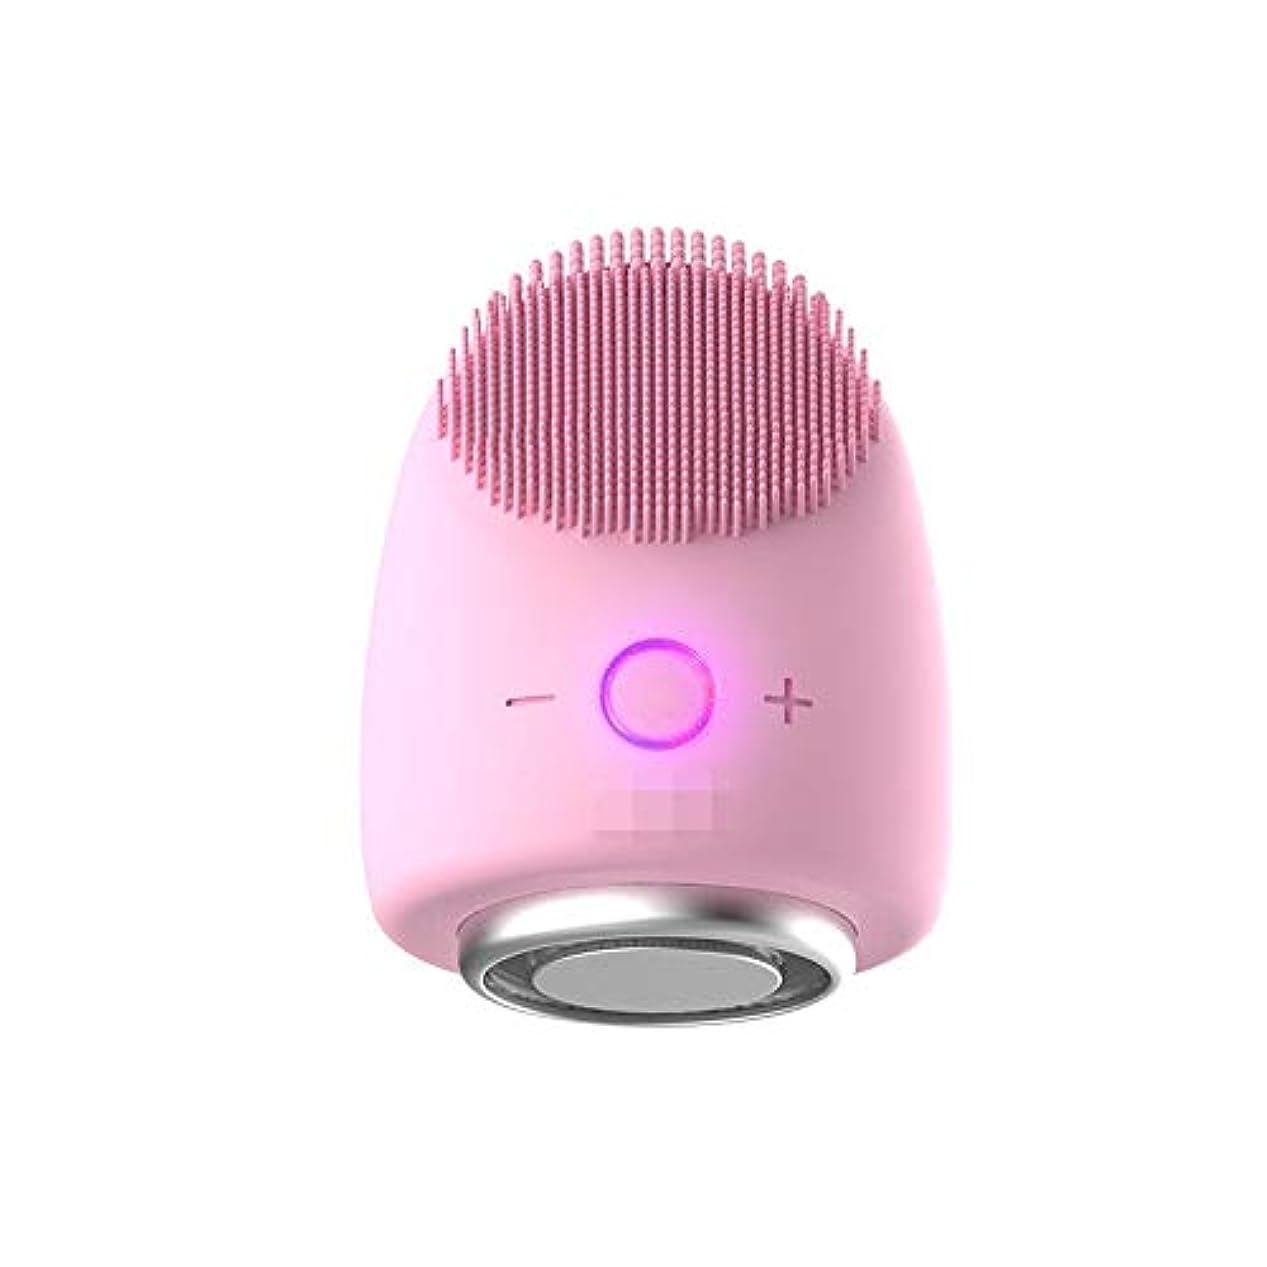 影響するアボートフィヨルドLYgMV 多機能美容器具洗浄器具導入器具凝縮ホットドレッシング肌活性化器具 (Color : ピンク)